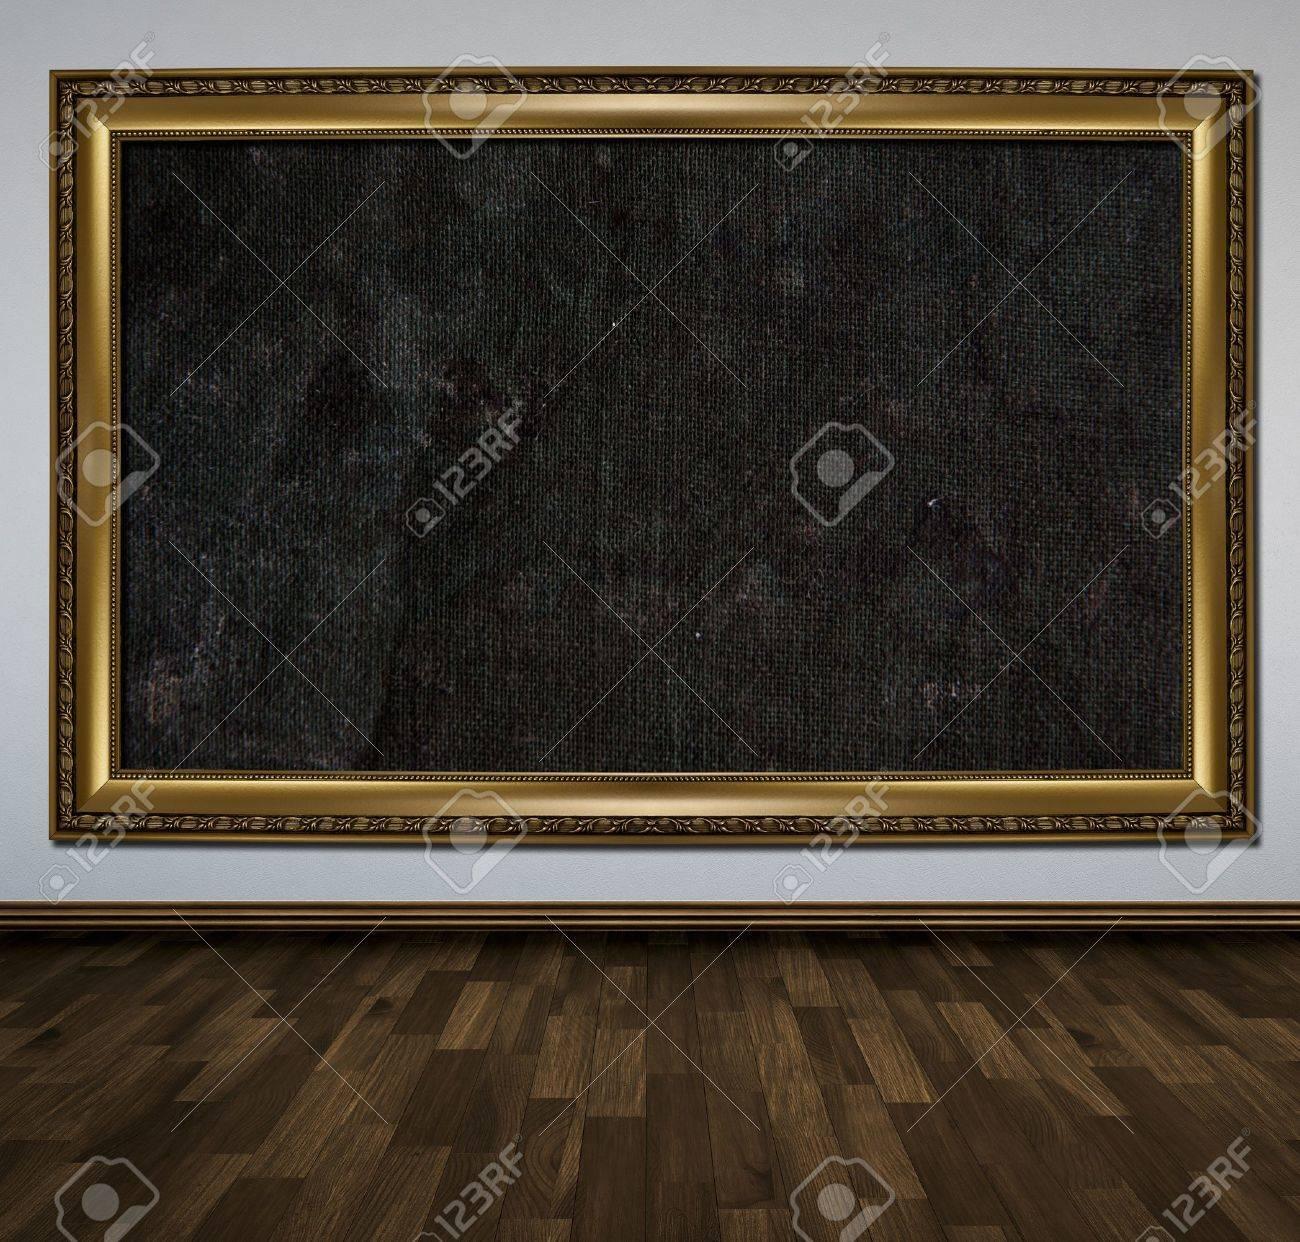 Ziemlich Wie Ein Großen Bilderrahmen An Der Wand Hängen Ideen ...